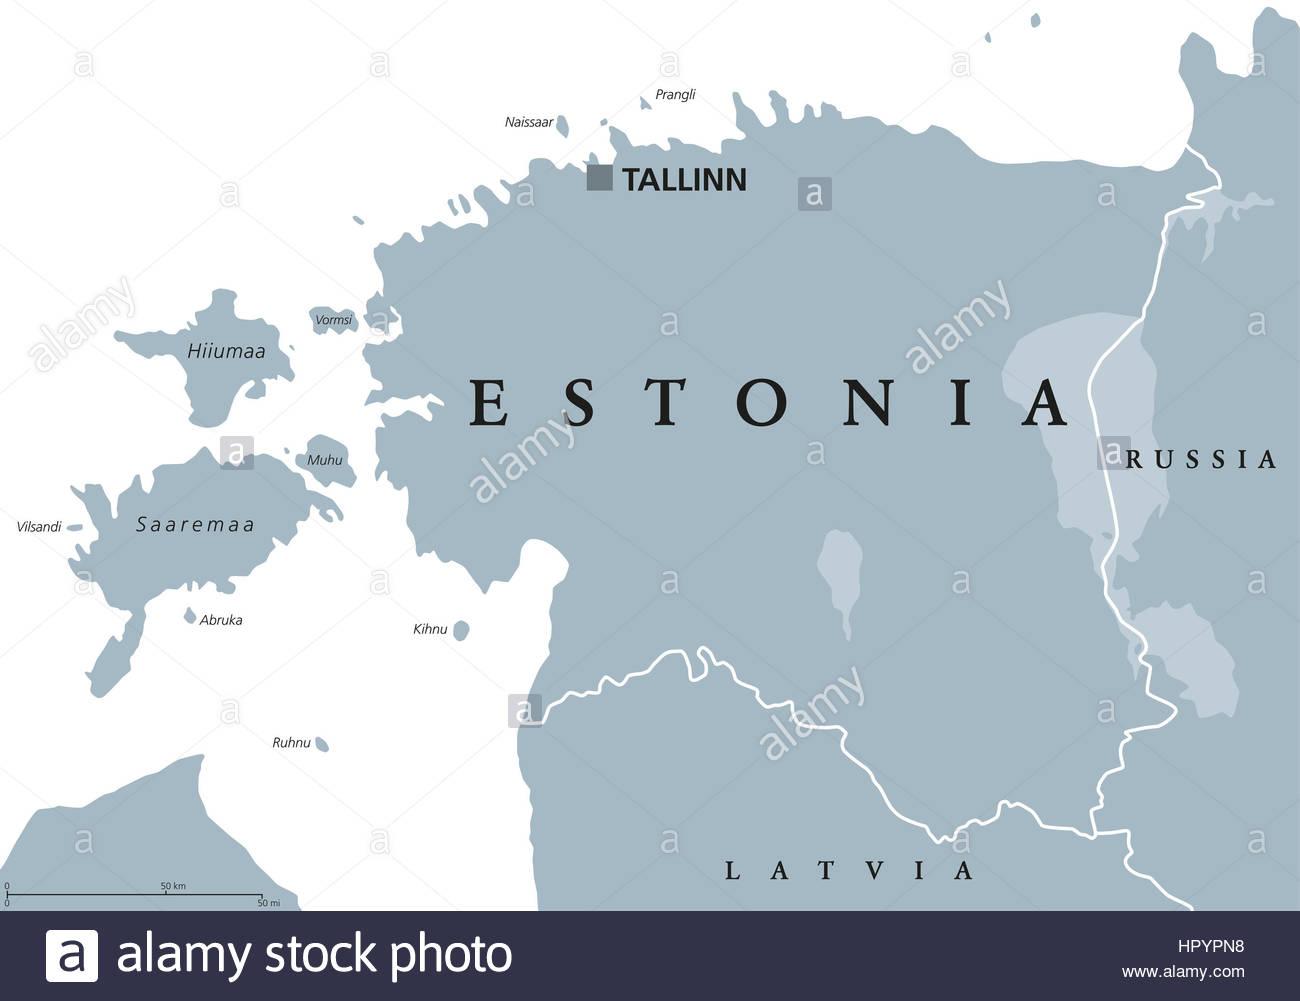 Carte Politique De L'estonie Avec Capitale De L'estonie, Les dedans Pays Et Capitales D Europe